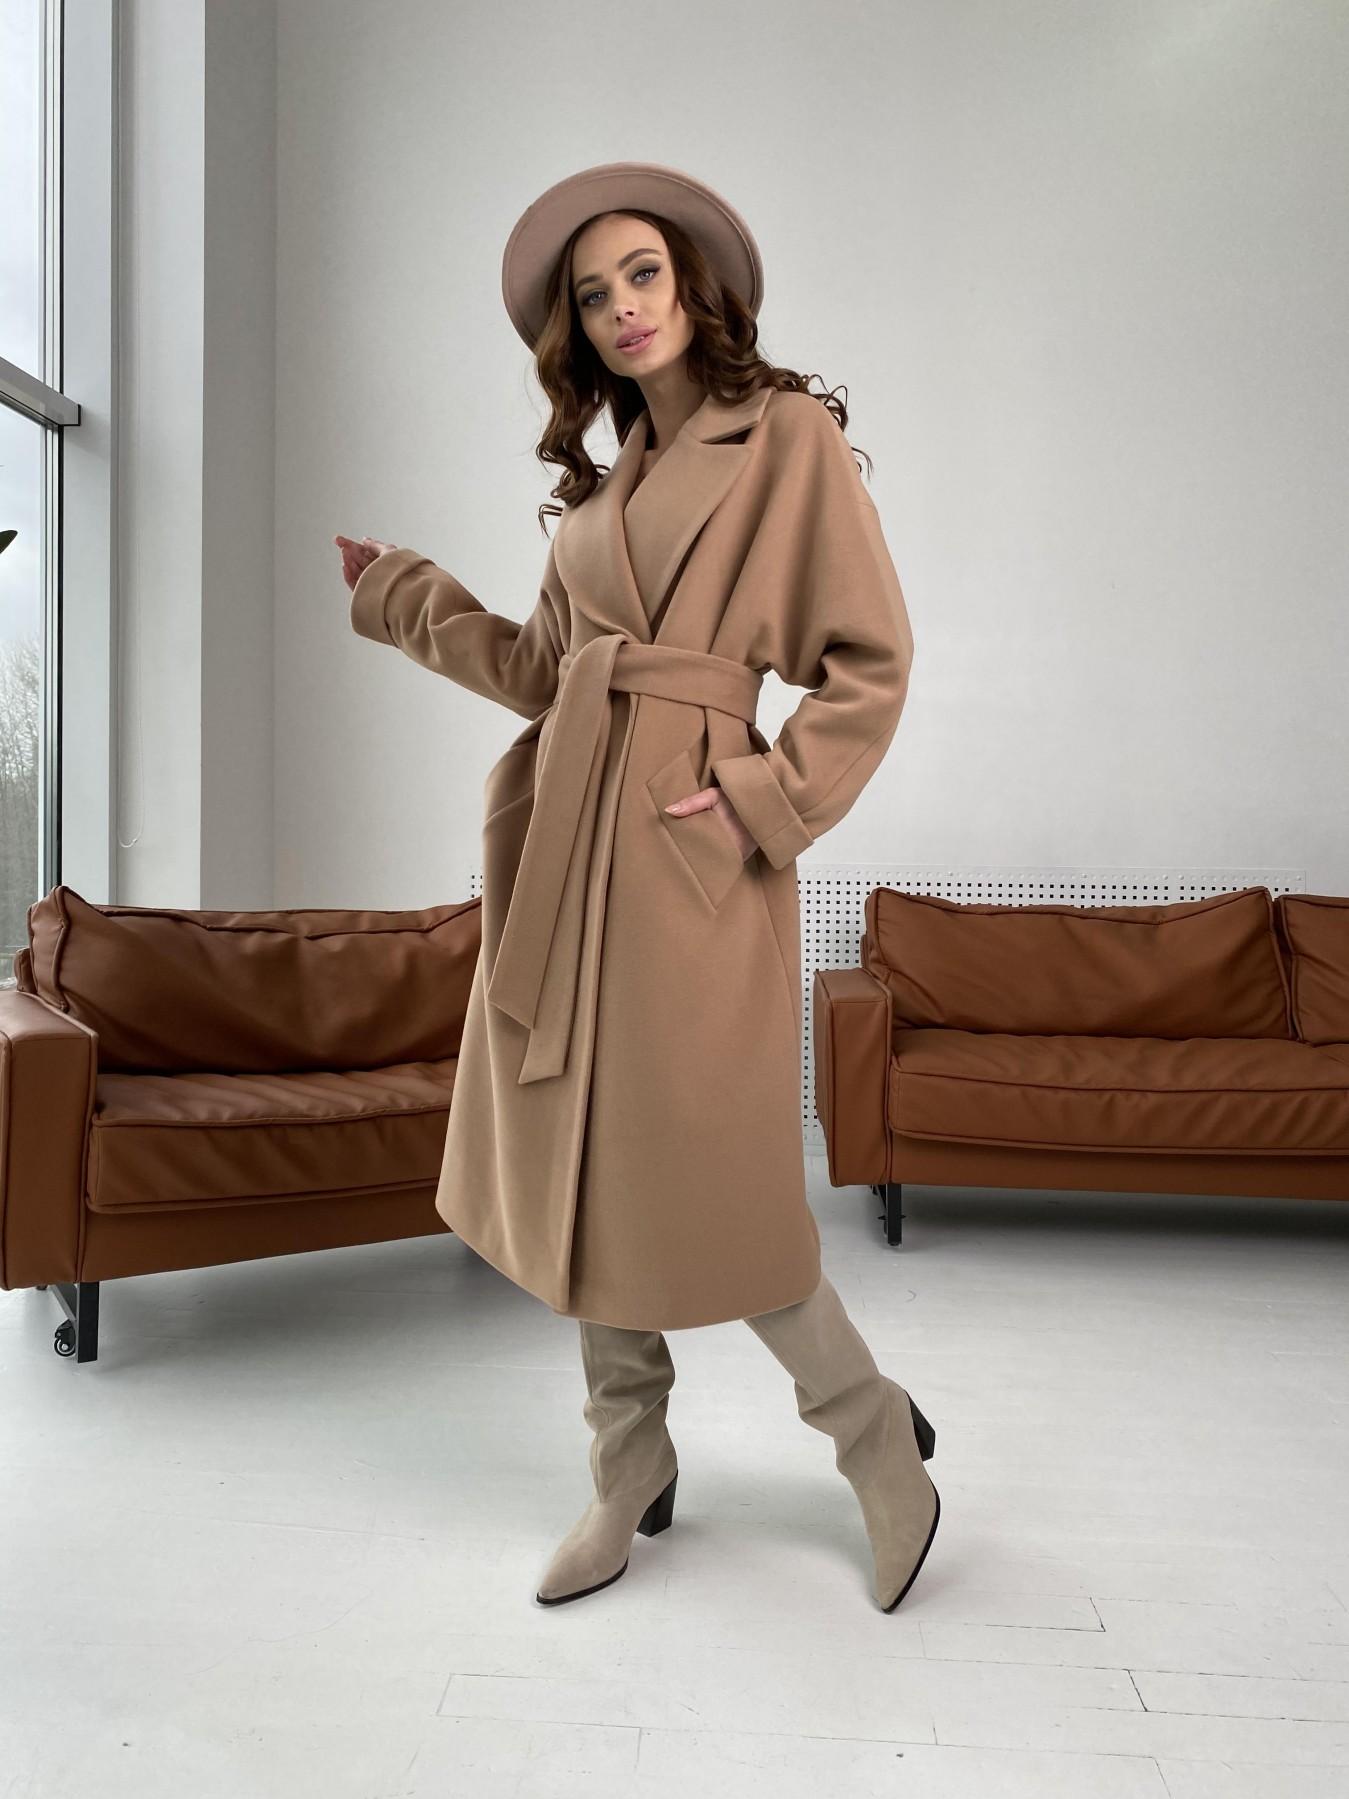 Влада пальто демисезонное из кашемира  10541 АРТ. 46895 Цвет: Кемел - фото 1, интернет магазин tm-modus.ru